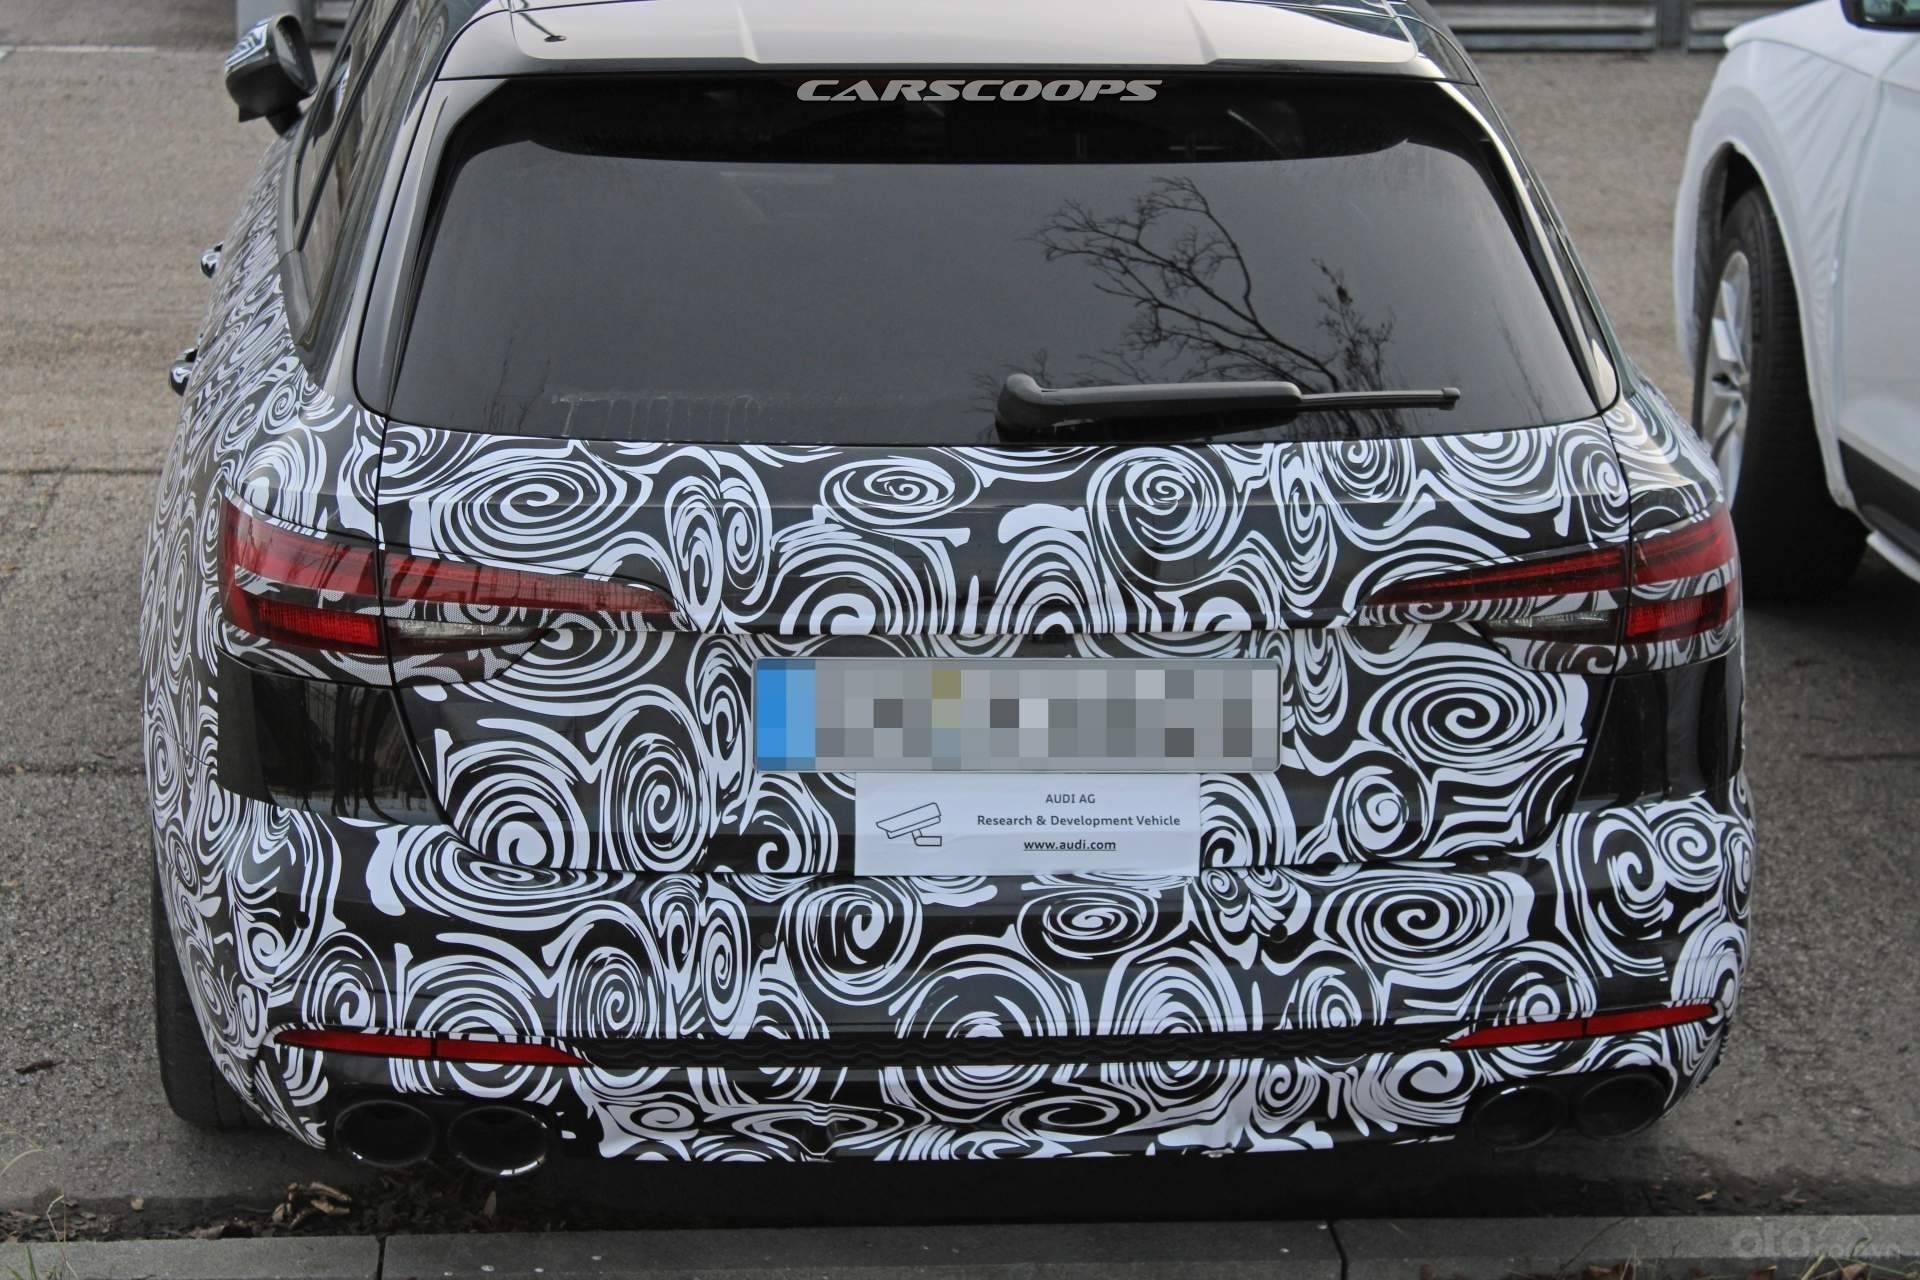 Chính diện đuôi xe Audi S4 Avant 2020